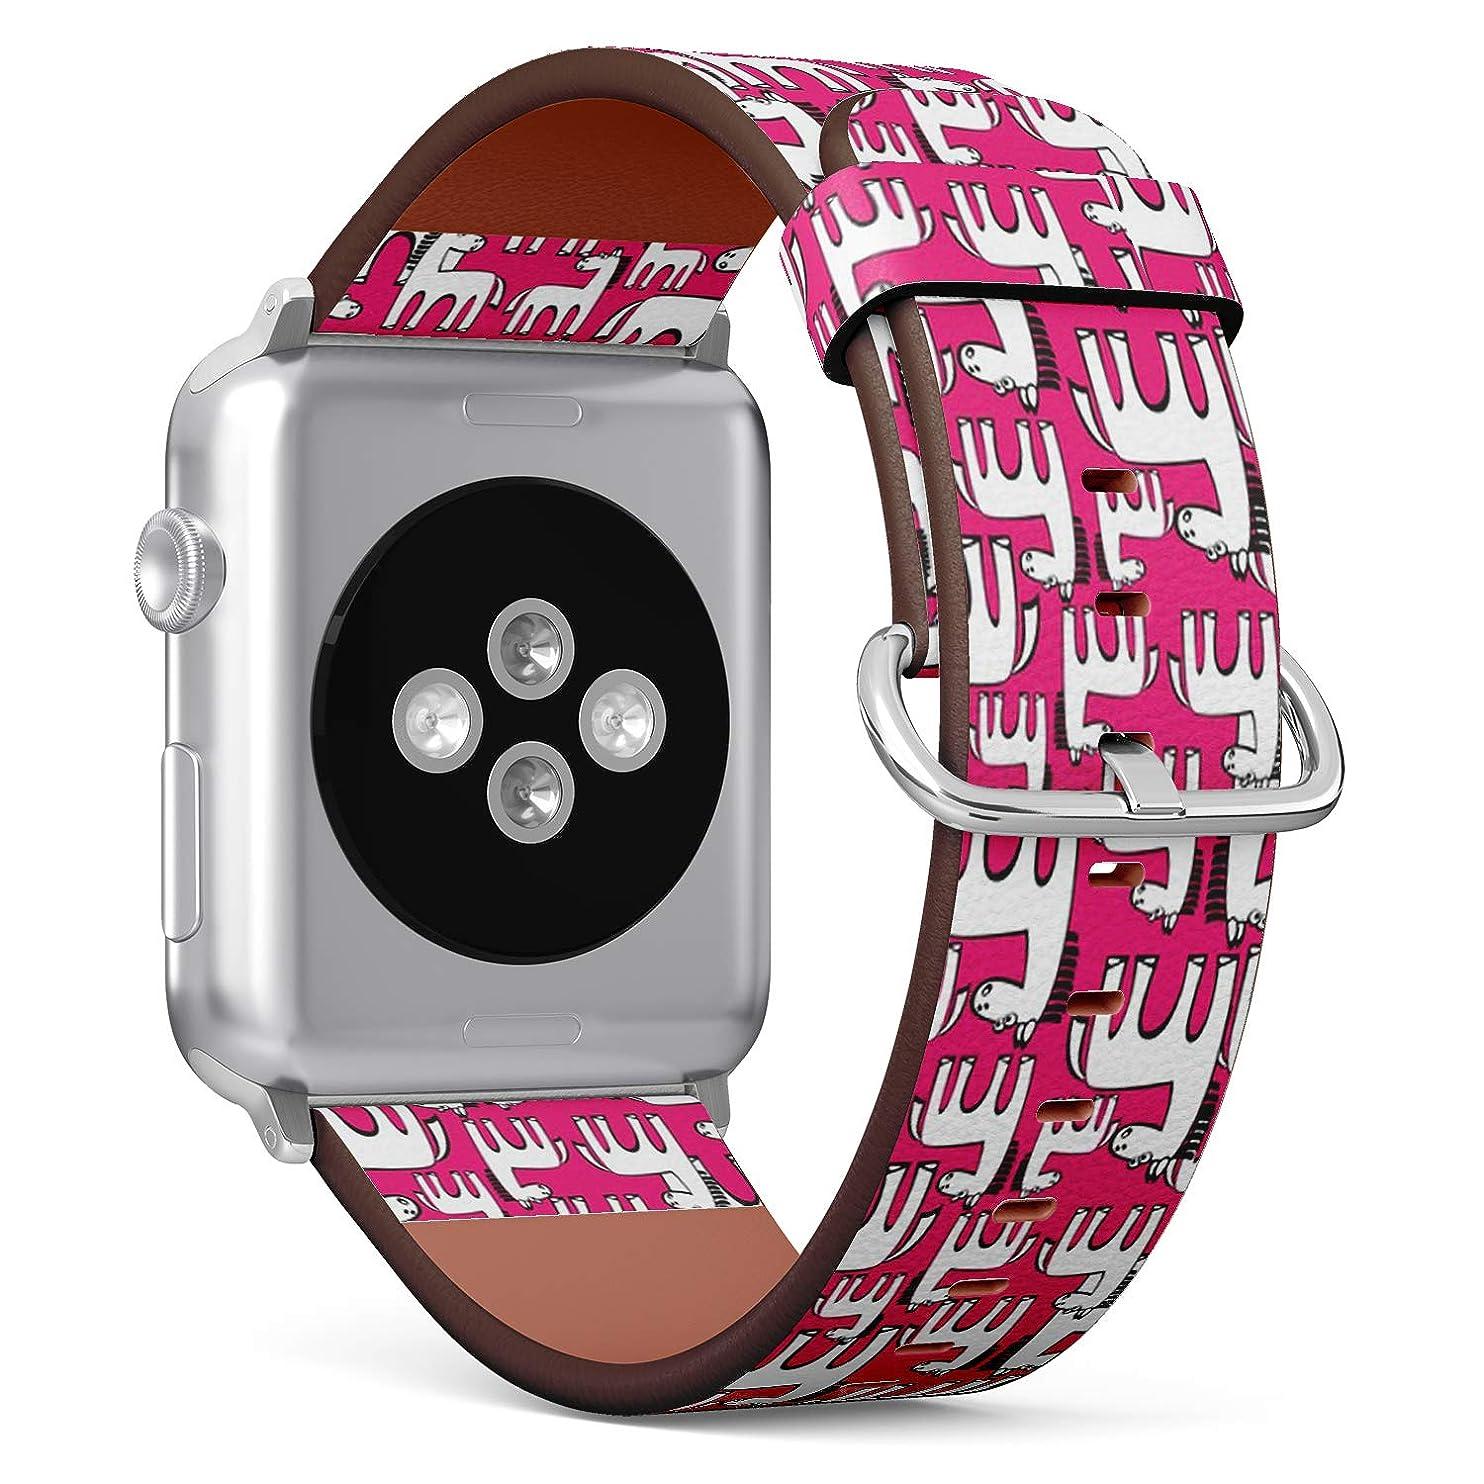 評価するコンバーチブルベックスコンパチブル Apple Watch iWatch 42mm & 44mm - 本革レザーストラップ, 向けのバンド交換ストラップです コンパチブル アップルウォッチ バンド (白い馬)